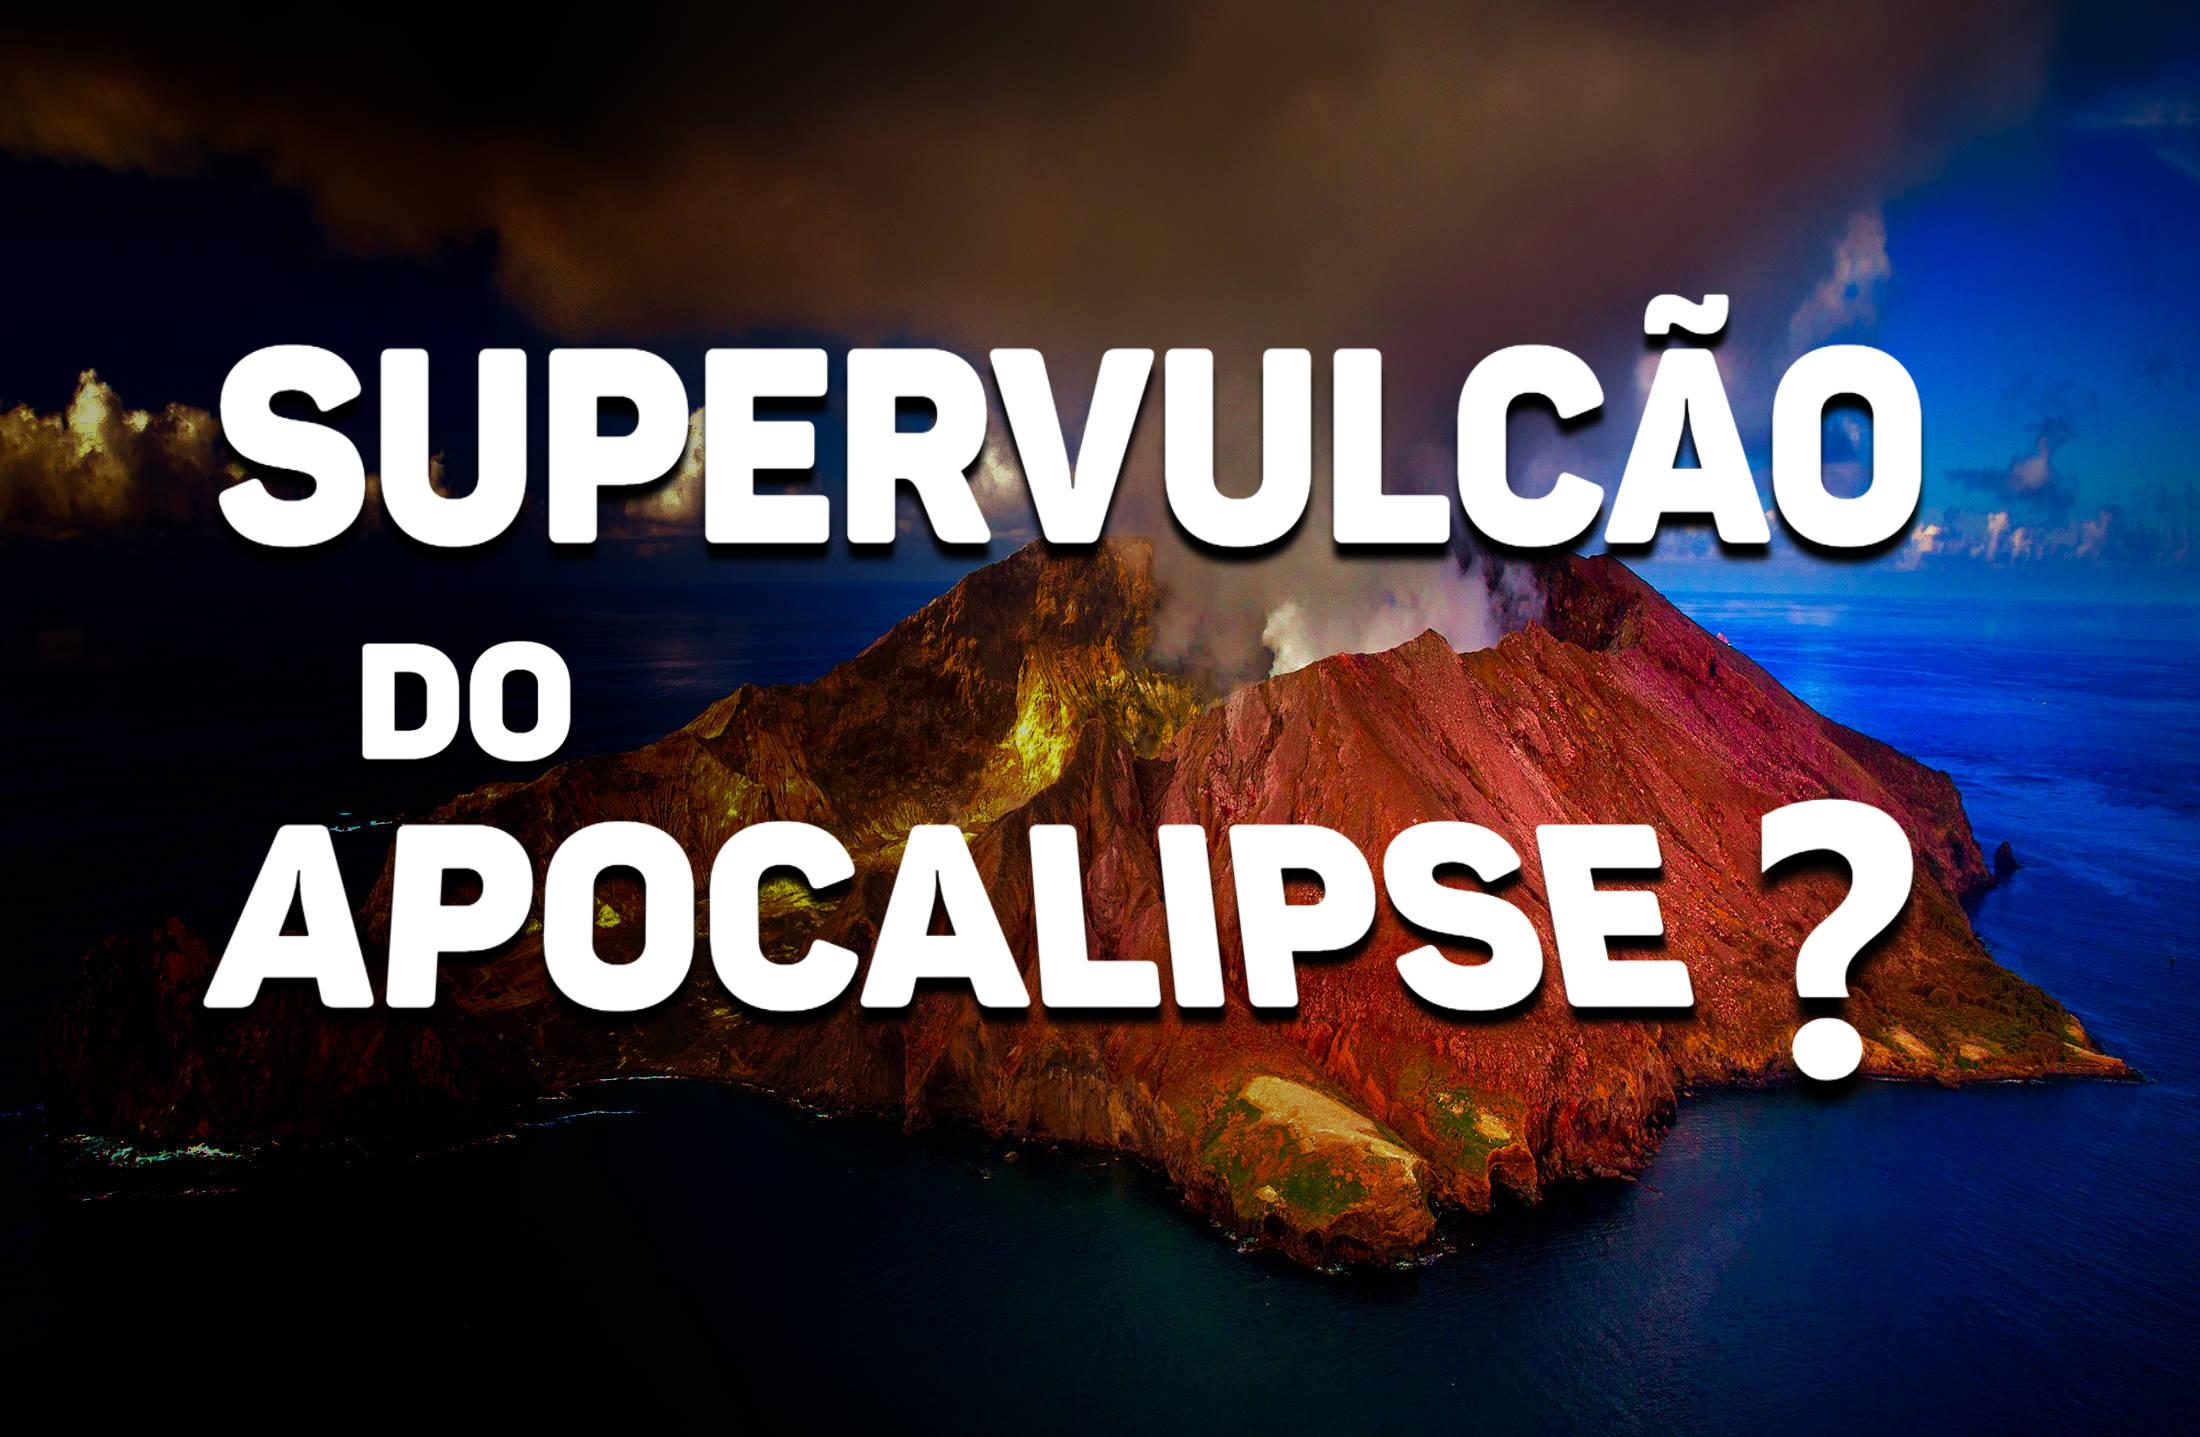 VULCAO, VIDA ETERNA, FIM DO MUNDO, CANAL QUASE TUDO, APOCALIPSE, FIM DOS TEMPOS